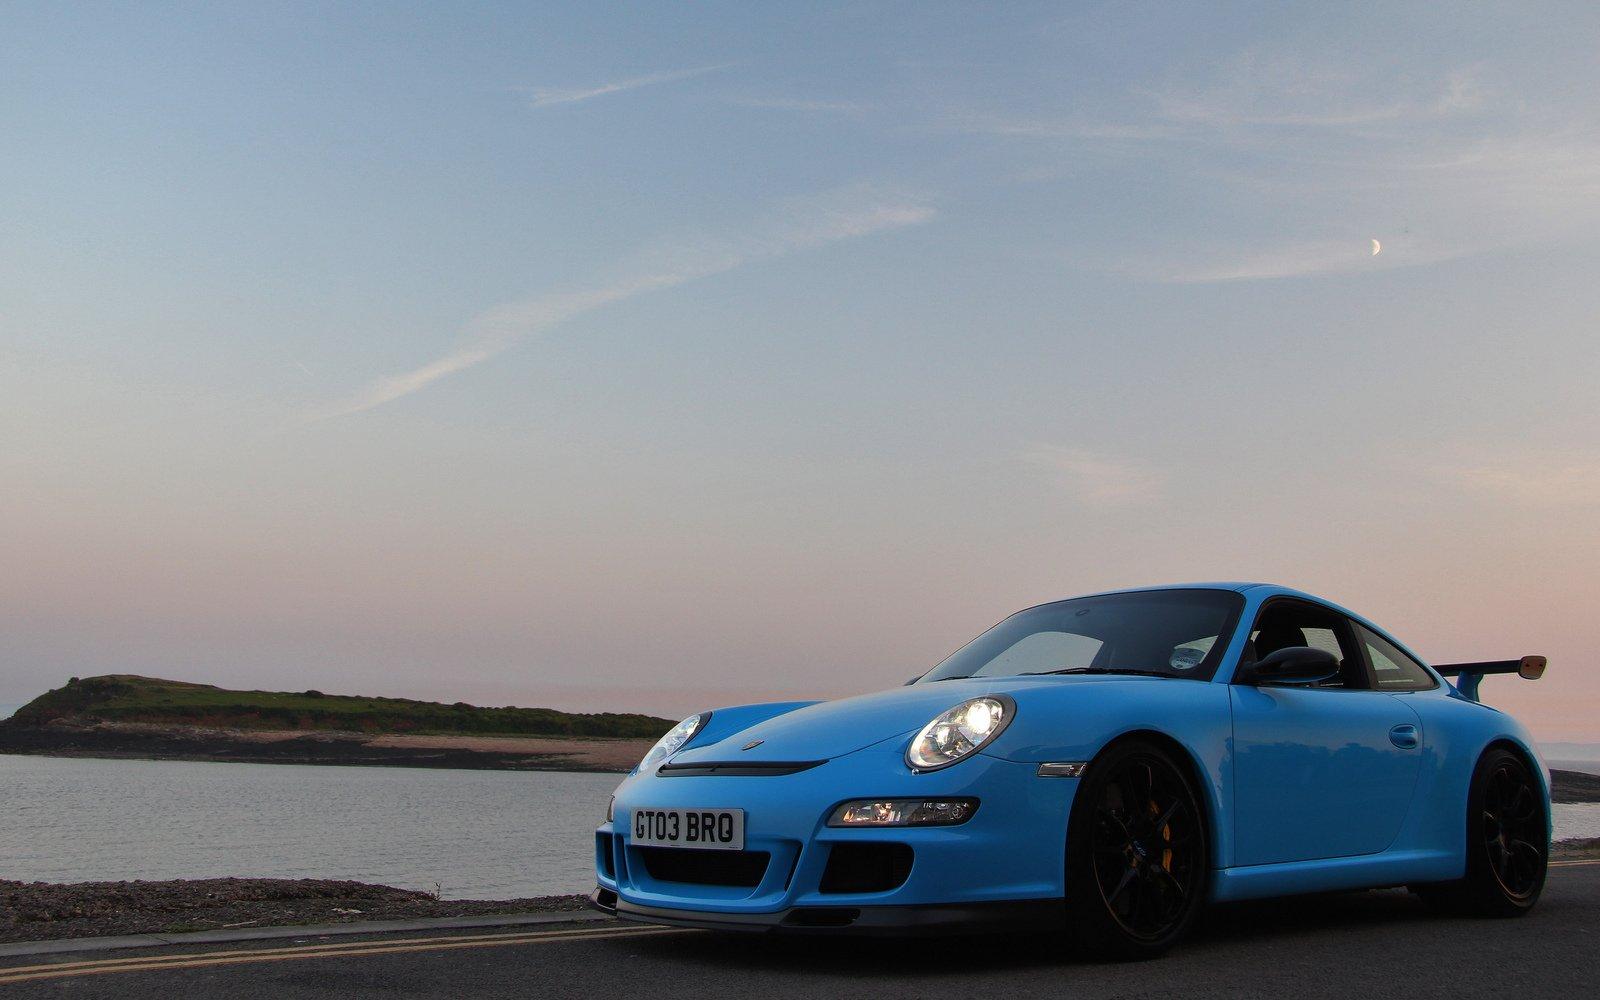 Porsche Gt3 Rs Wallpaper 1600x1000 Wallpaper Teahub Io